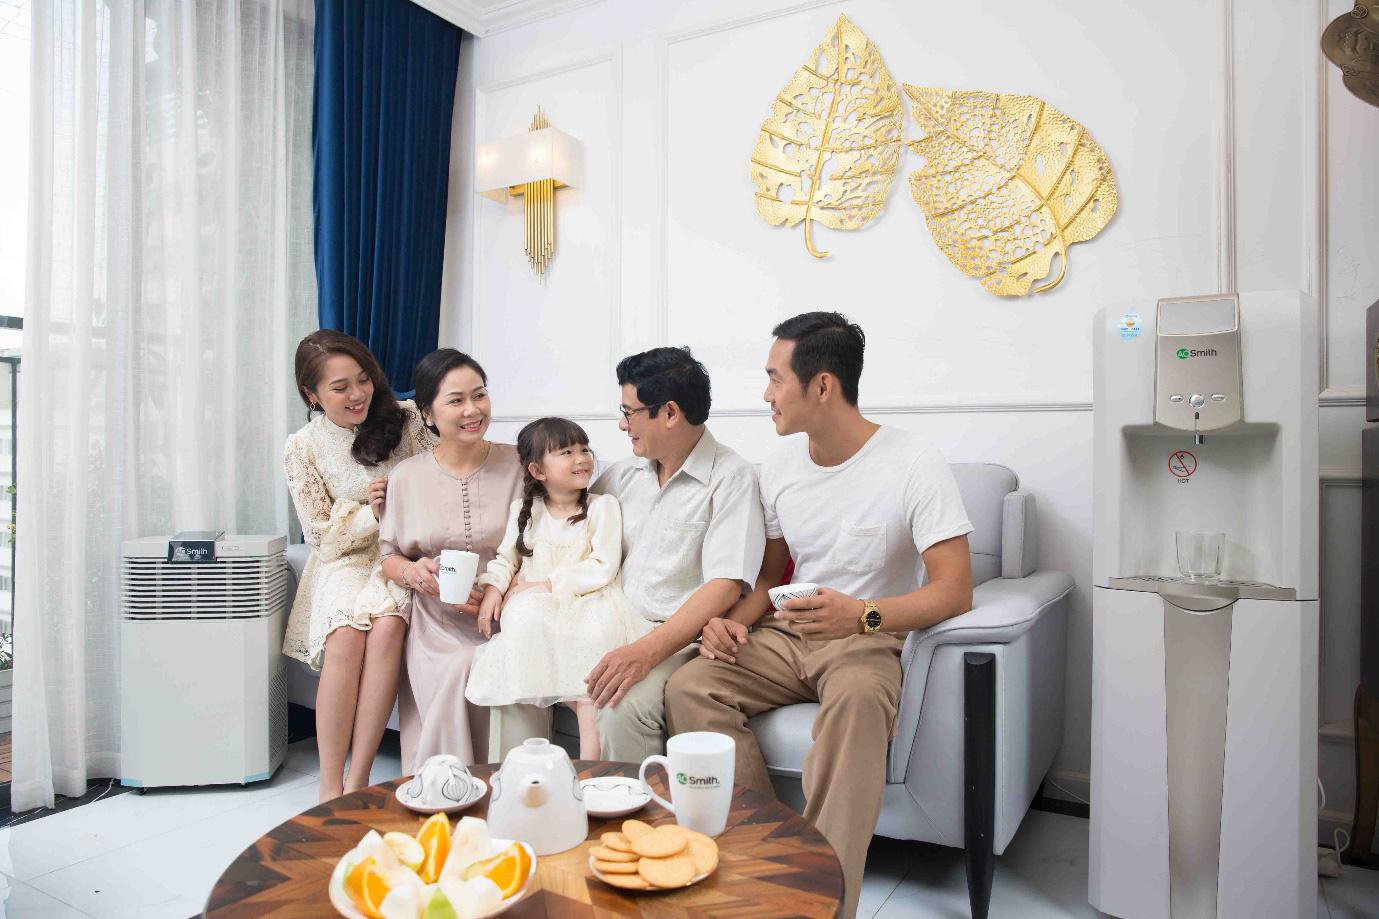 Cẩm nang tư vấn A-Z cách chọn mua máy lọc nước như ý cho các gia đình - Ảnh 2.